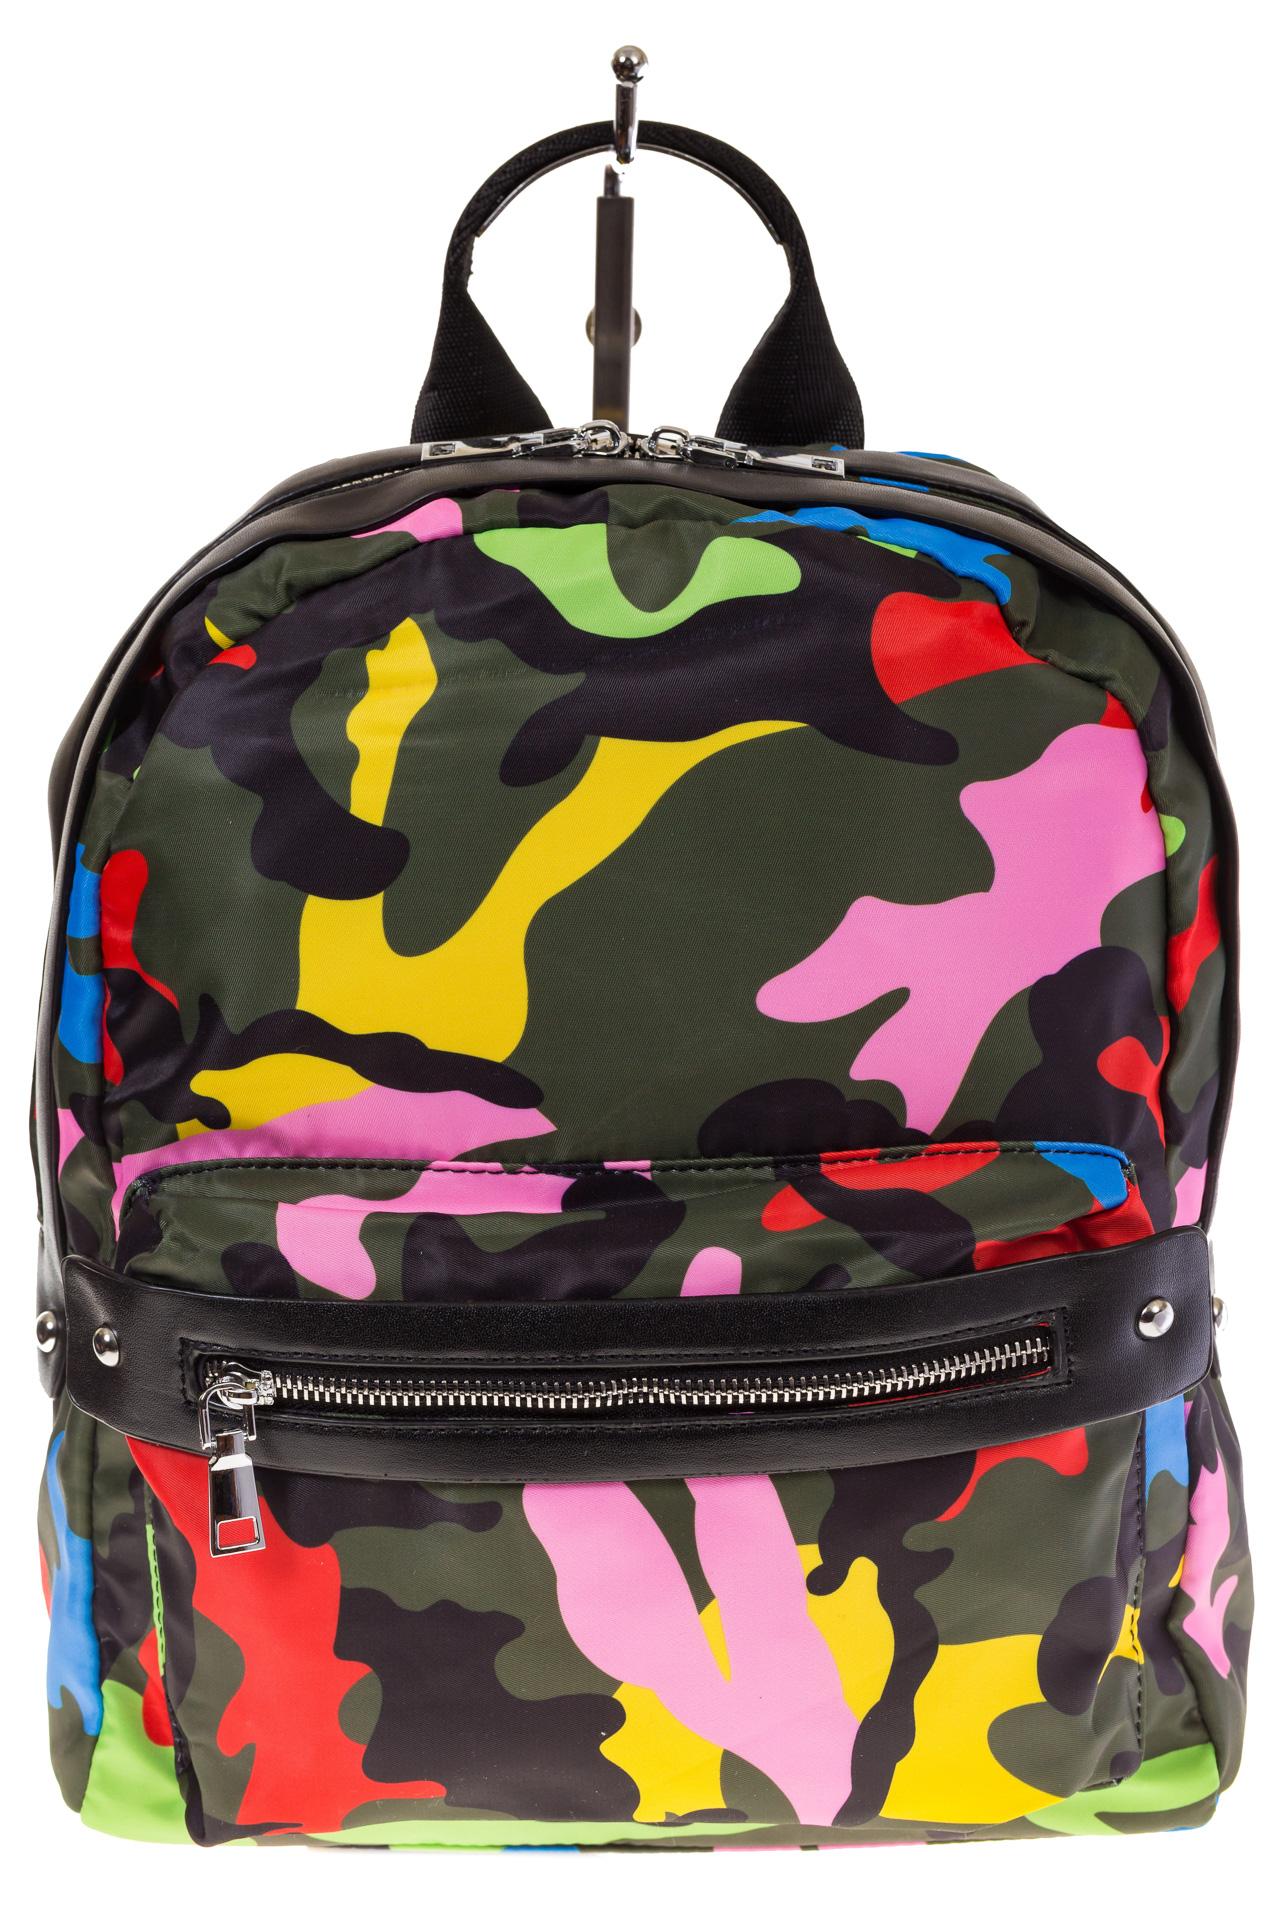 Купить оптом молодежный рюкзак из текстиля, фото спереди